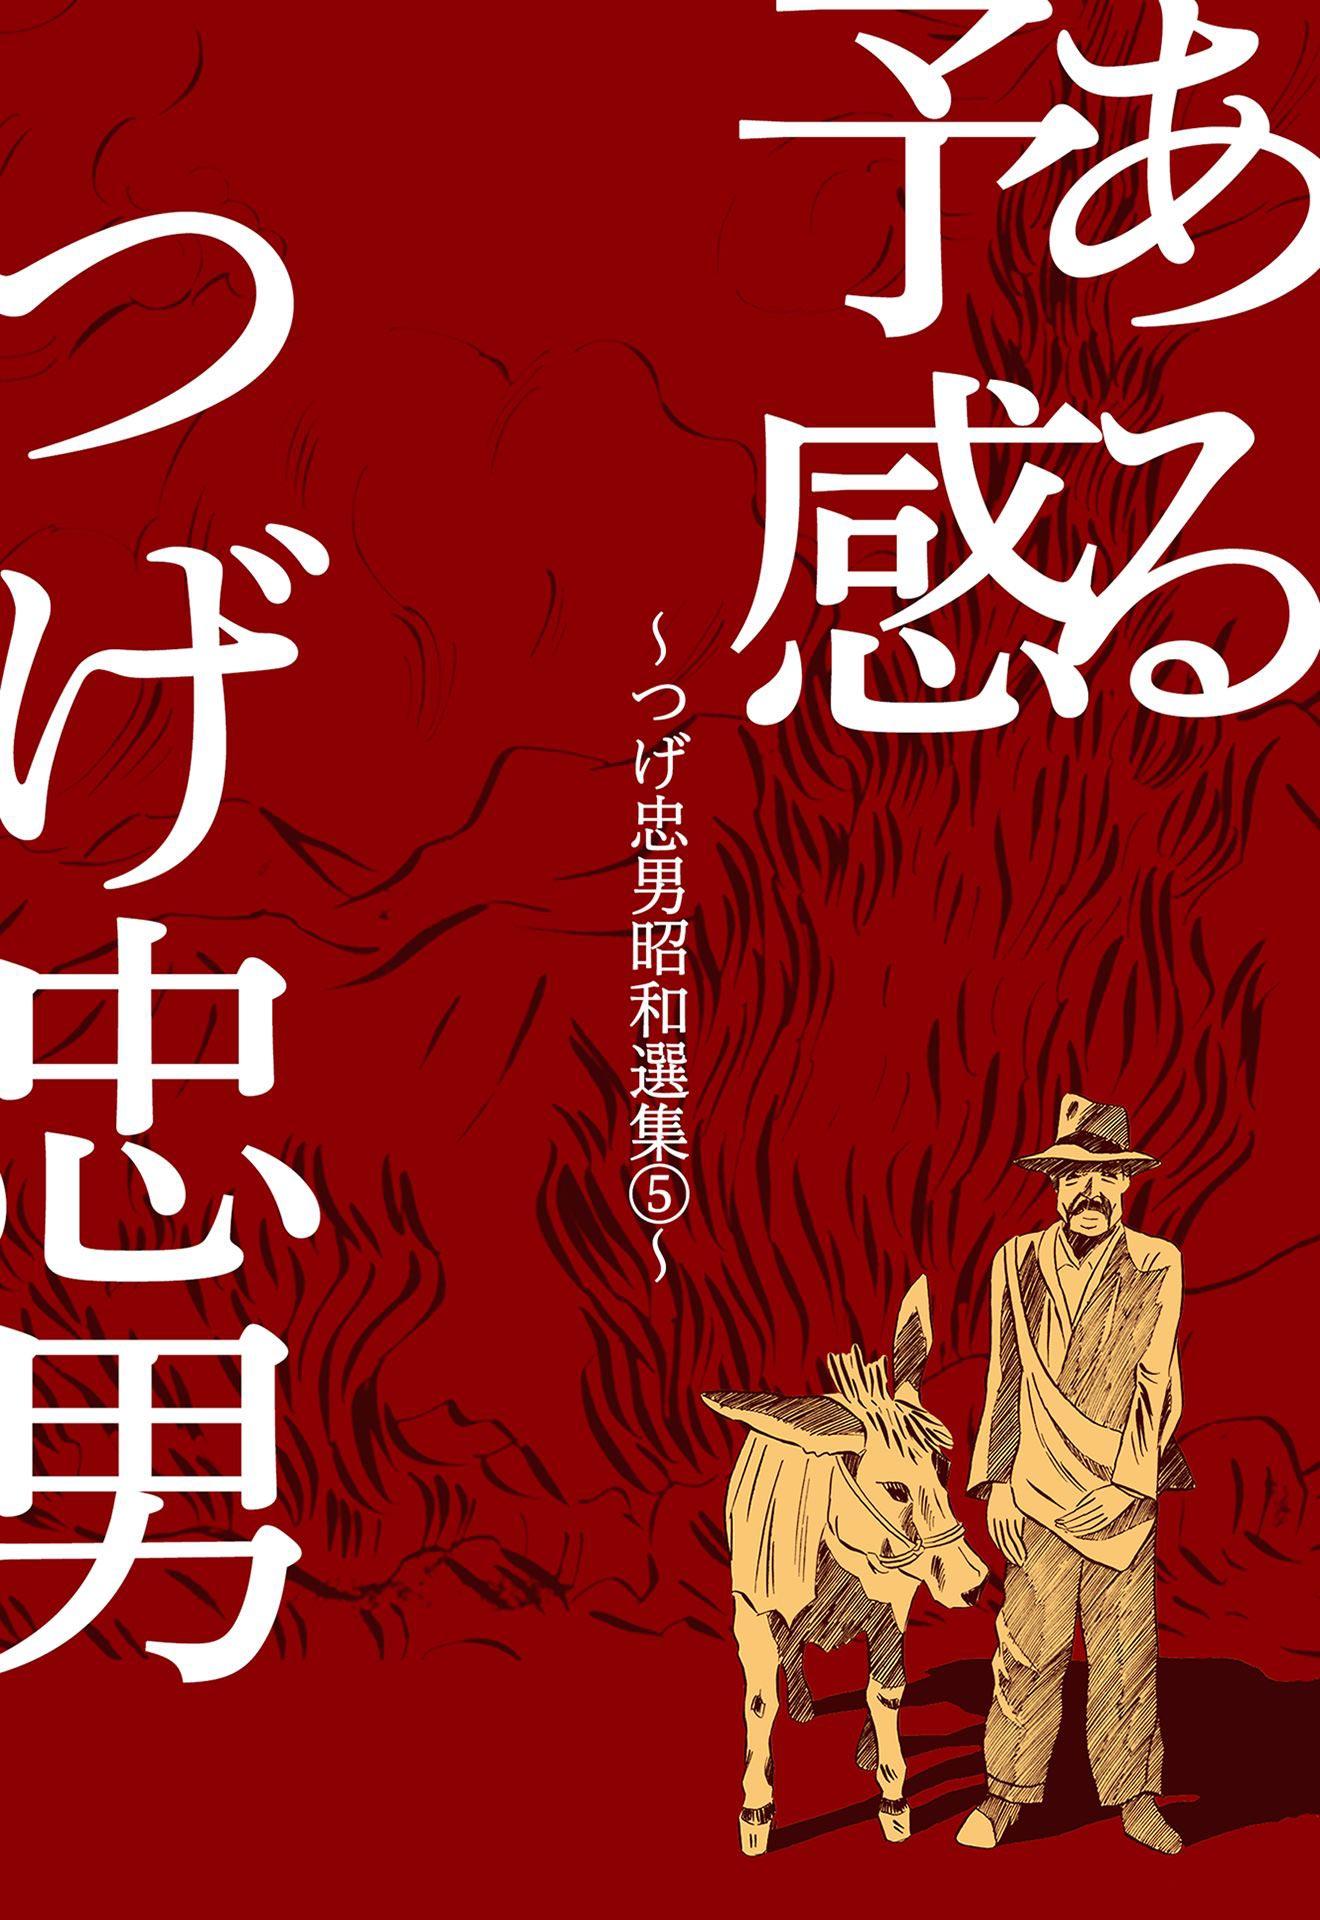 つげ忠男昭和選集(第5巻)